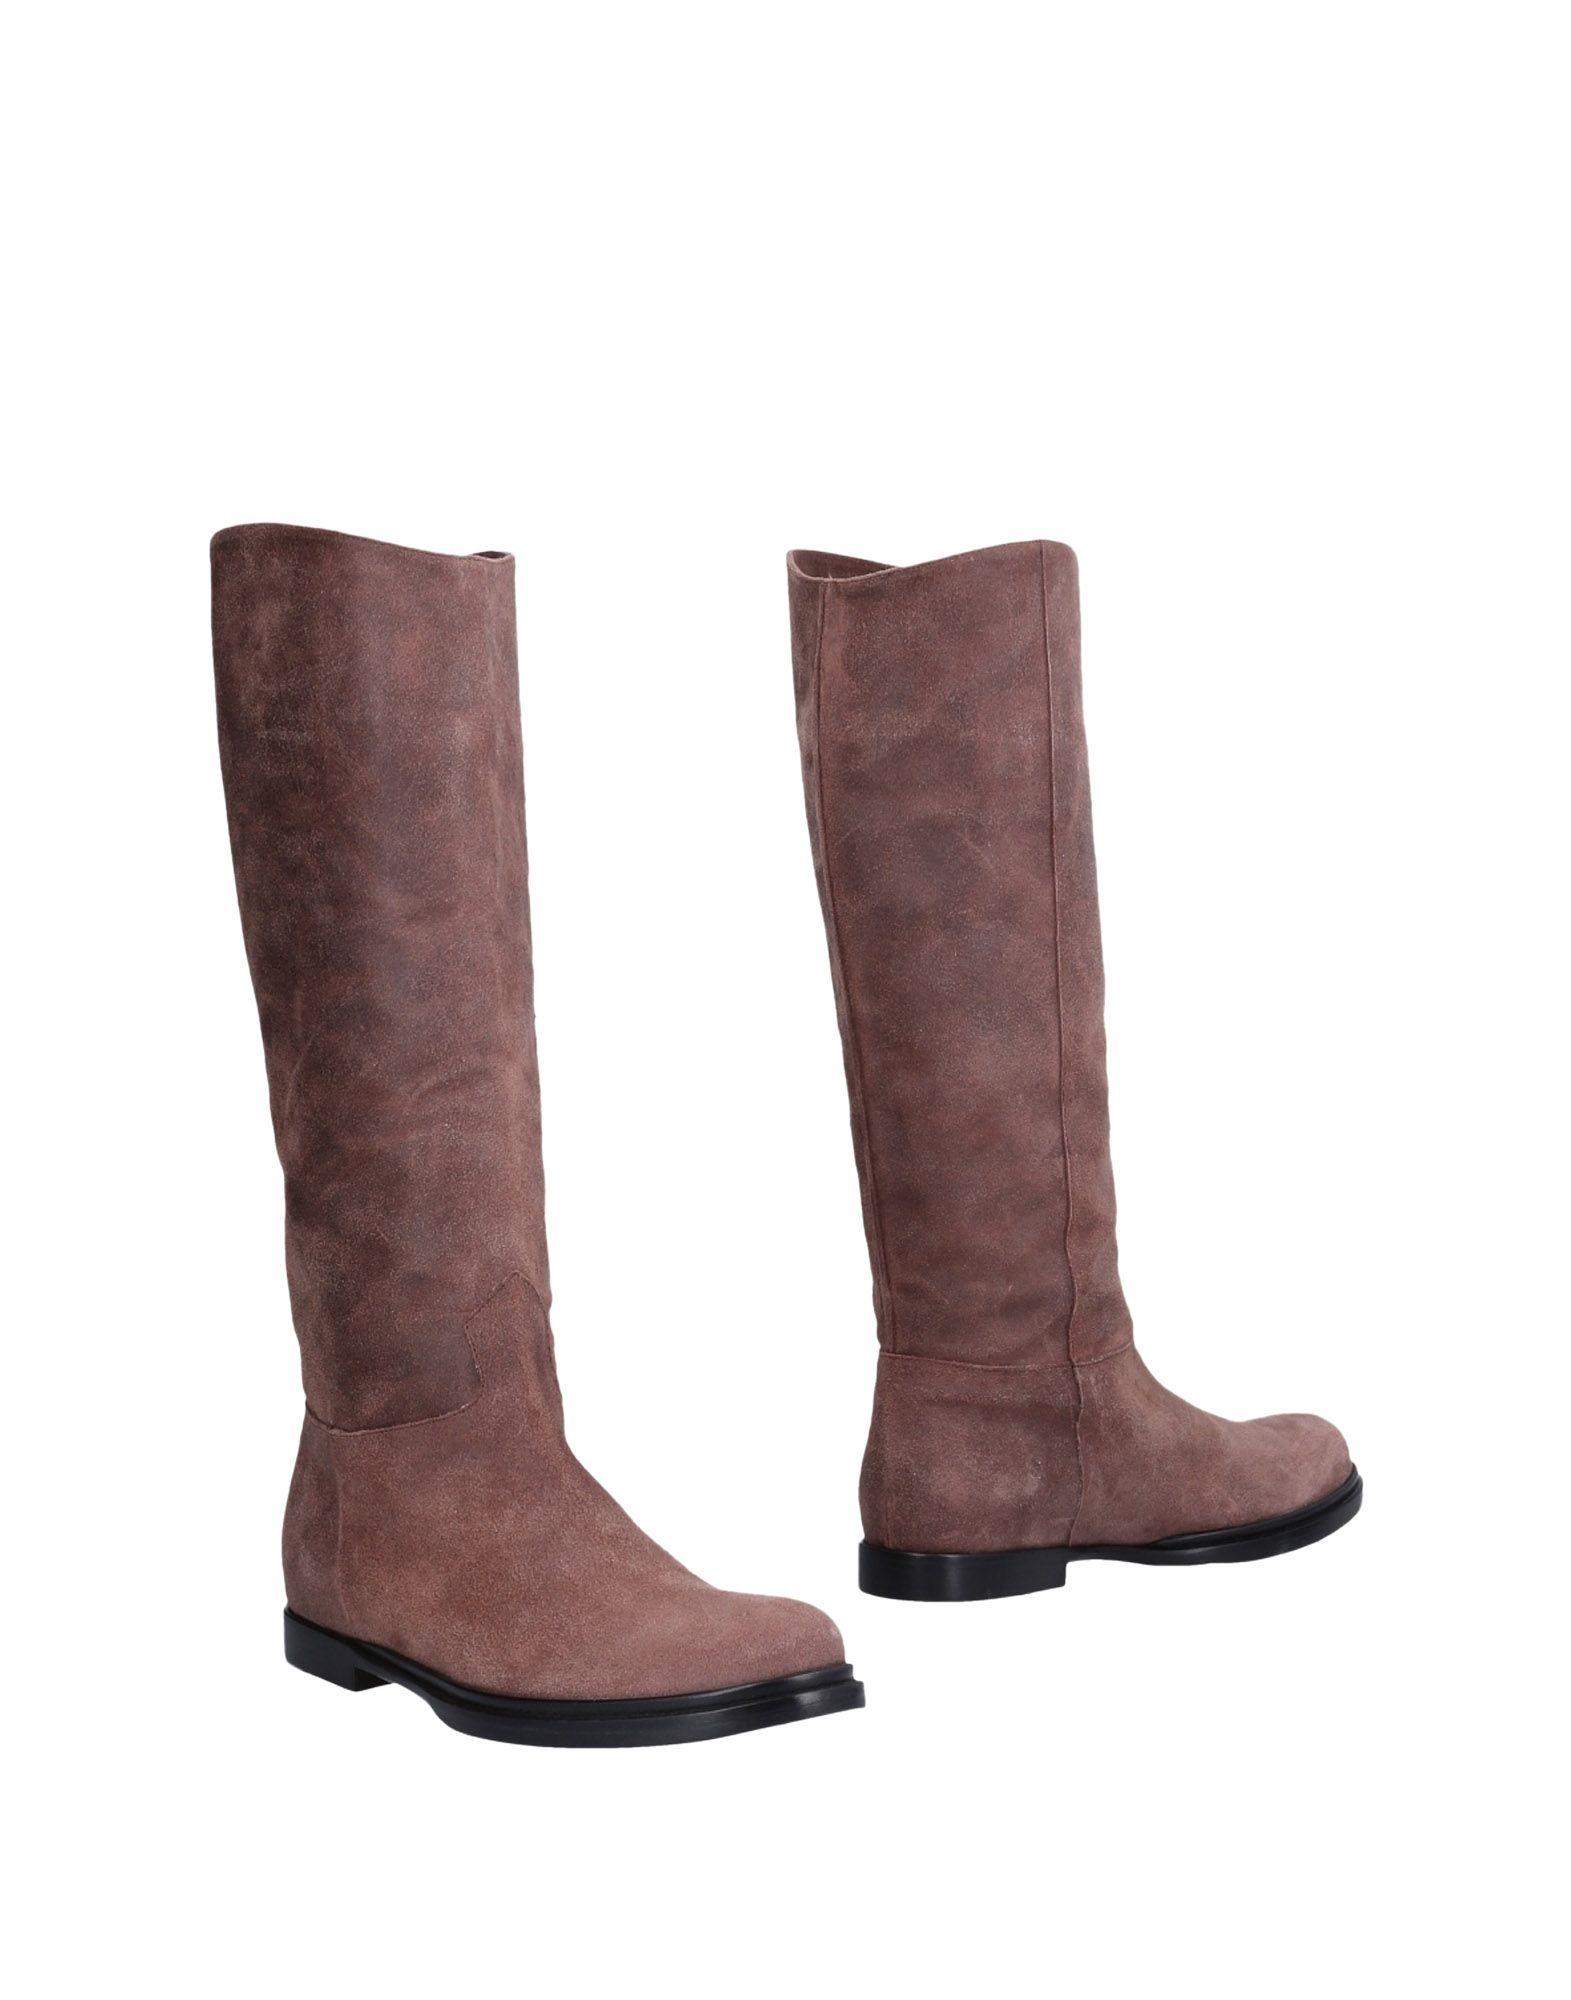 Stilvolle billige Schuhe Damen Cavallini Stiefel Damen Schuhe  11484054QA a1cf73